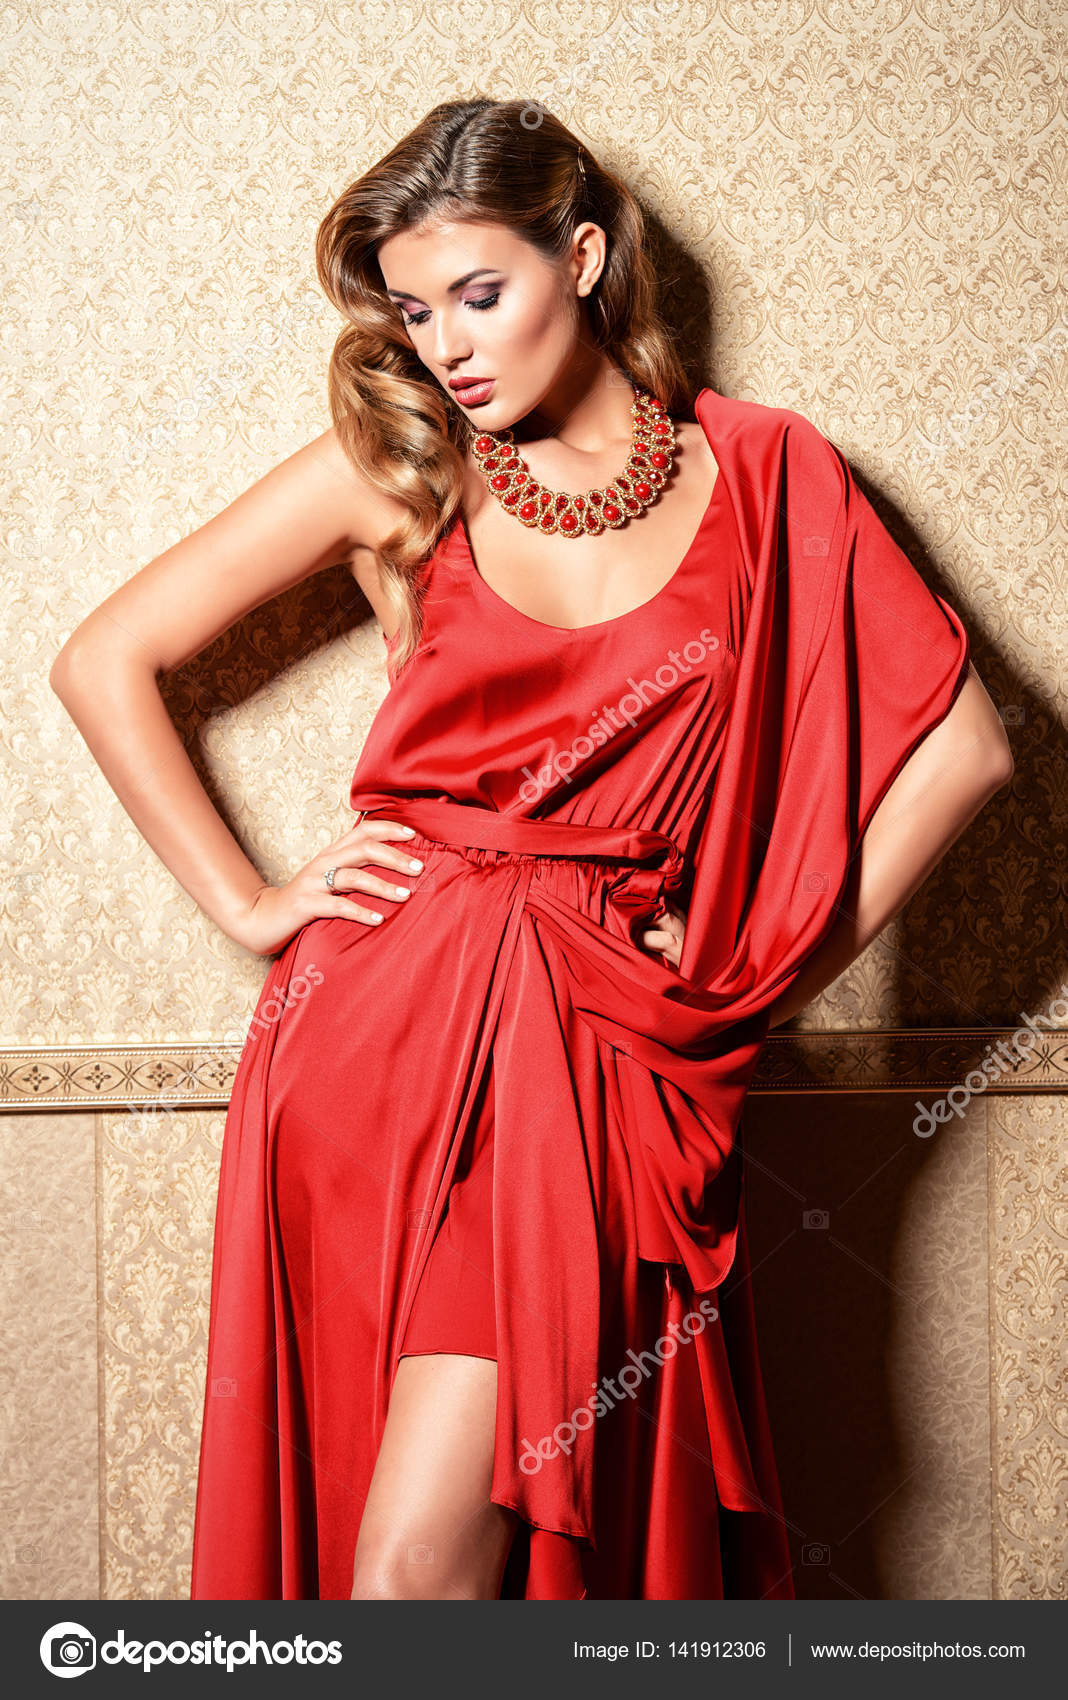 d2be69ed0b9d Bella donna affascinante che porta sera vestito rosso e una collana di  gemme che posano sopra lussuoso sfondo vintage. Bellezza